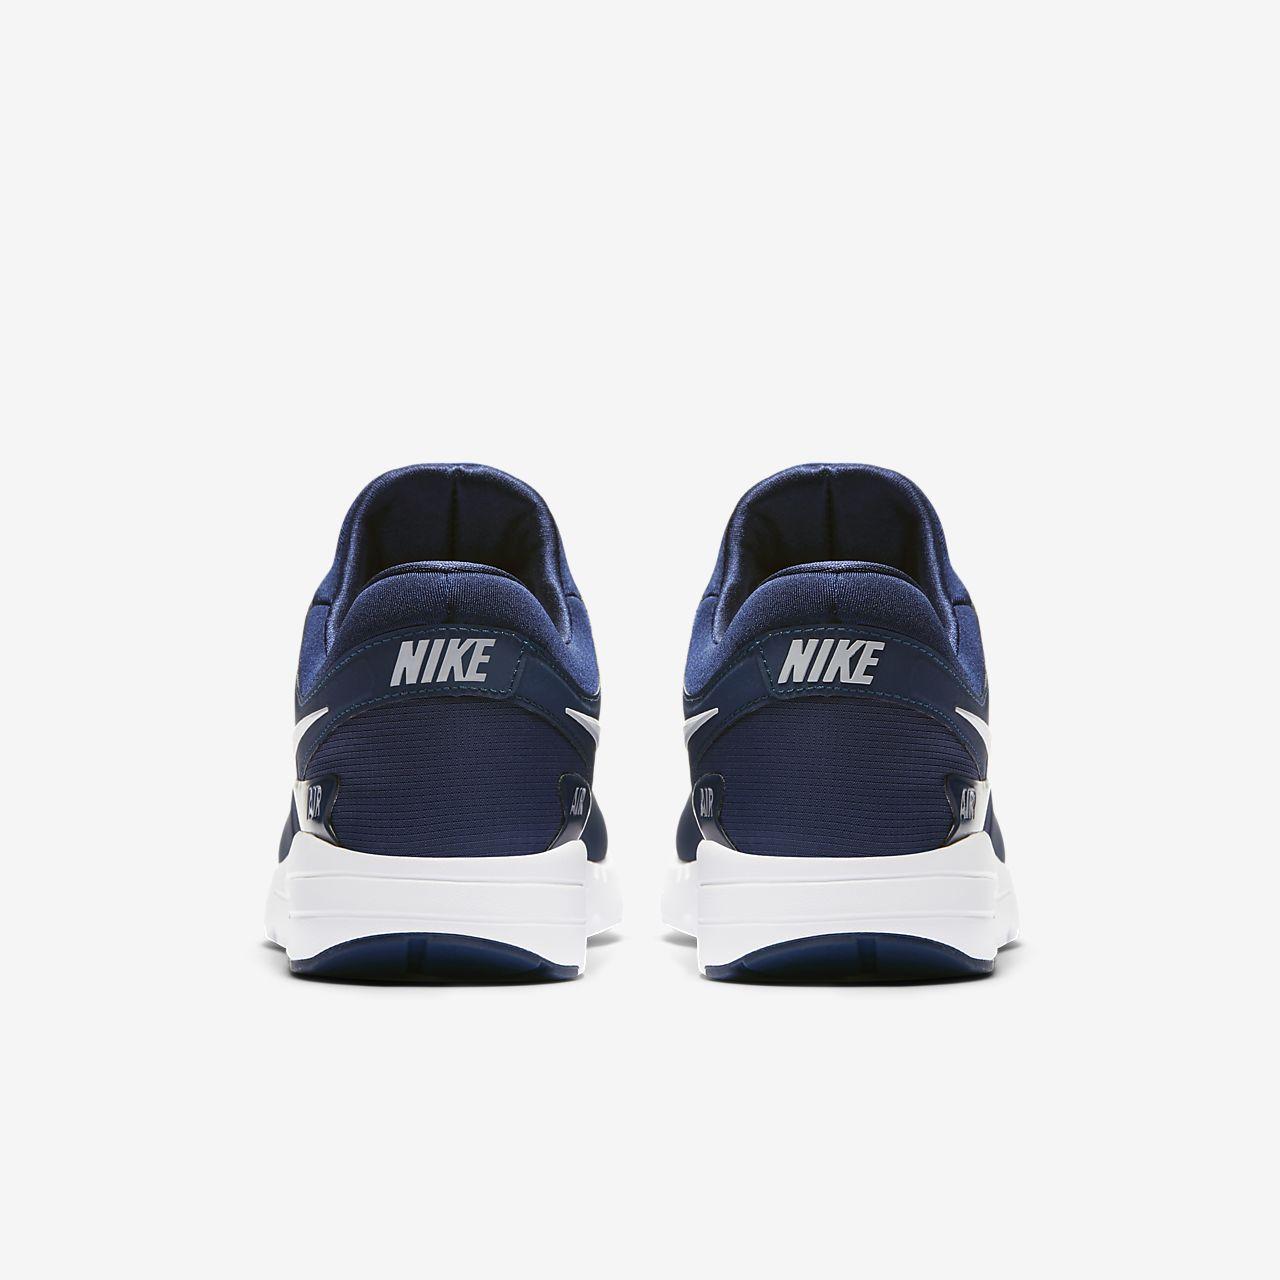 9fe0d74cc94 Nike Air Max Zero Essential Men s Shoe. Nike.com LU